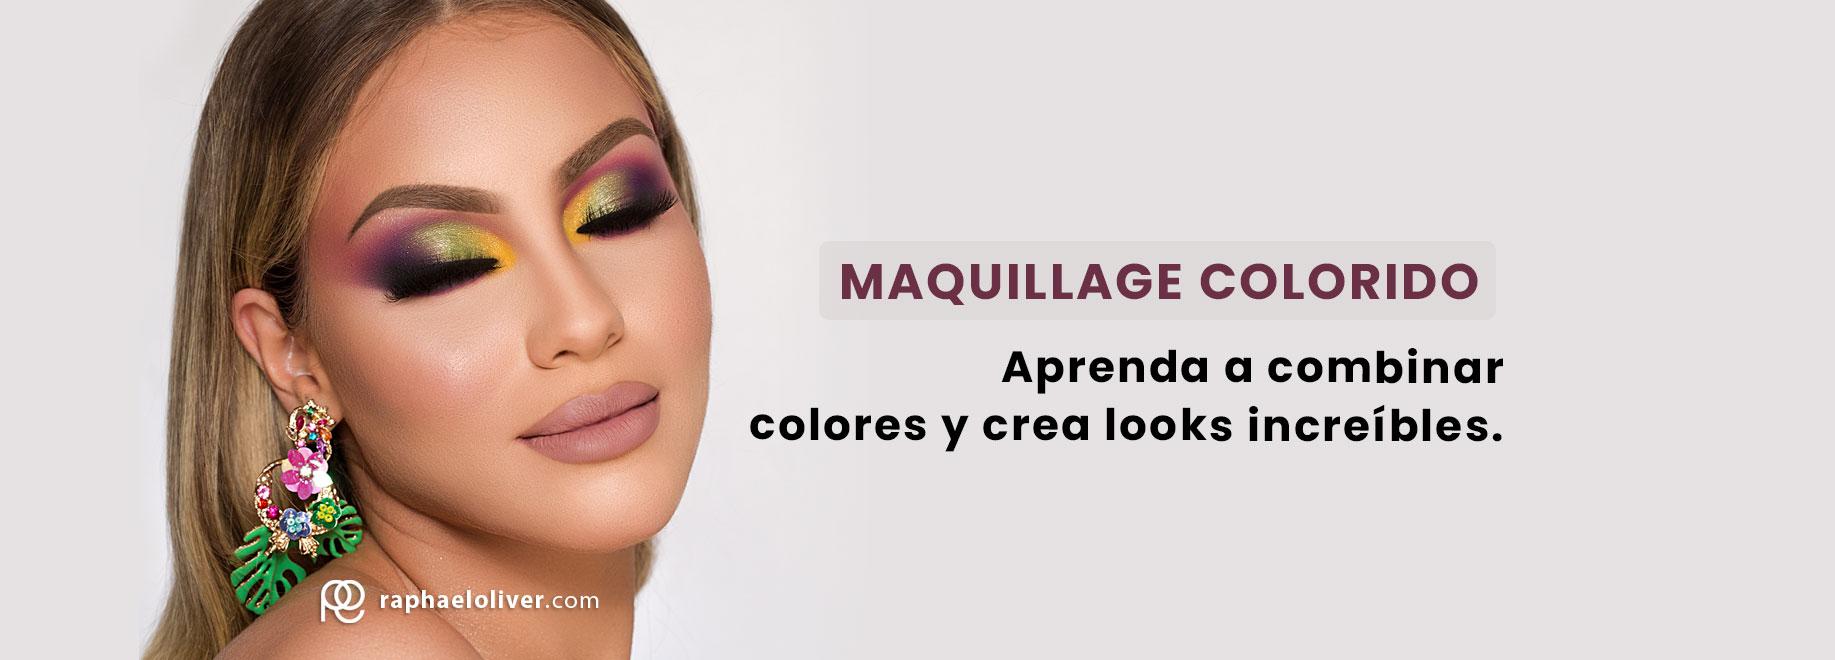 Maquillaje Colorido: Aprende A Combinar Colores Y Crear Looks Increíbles.